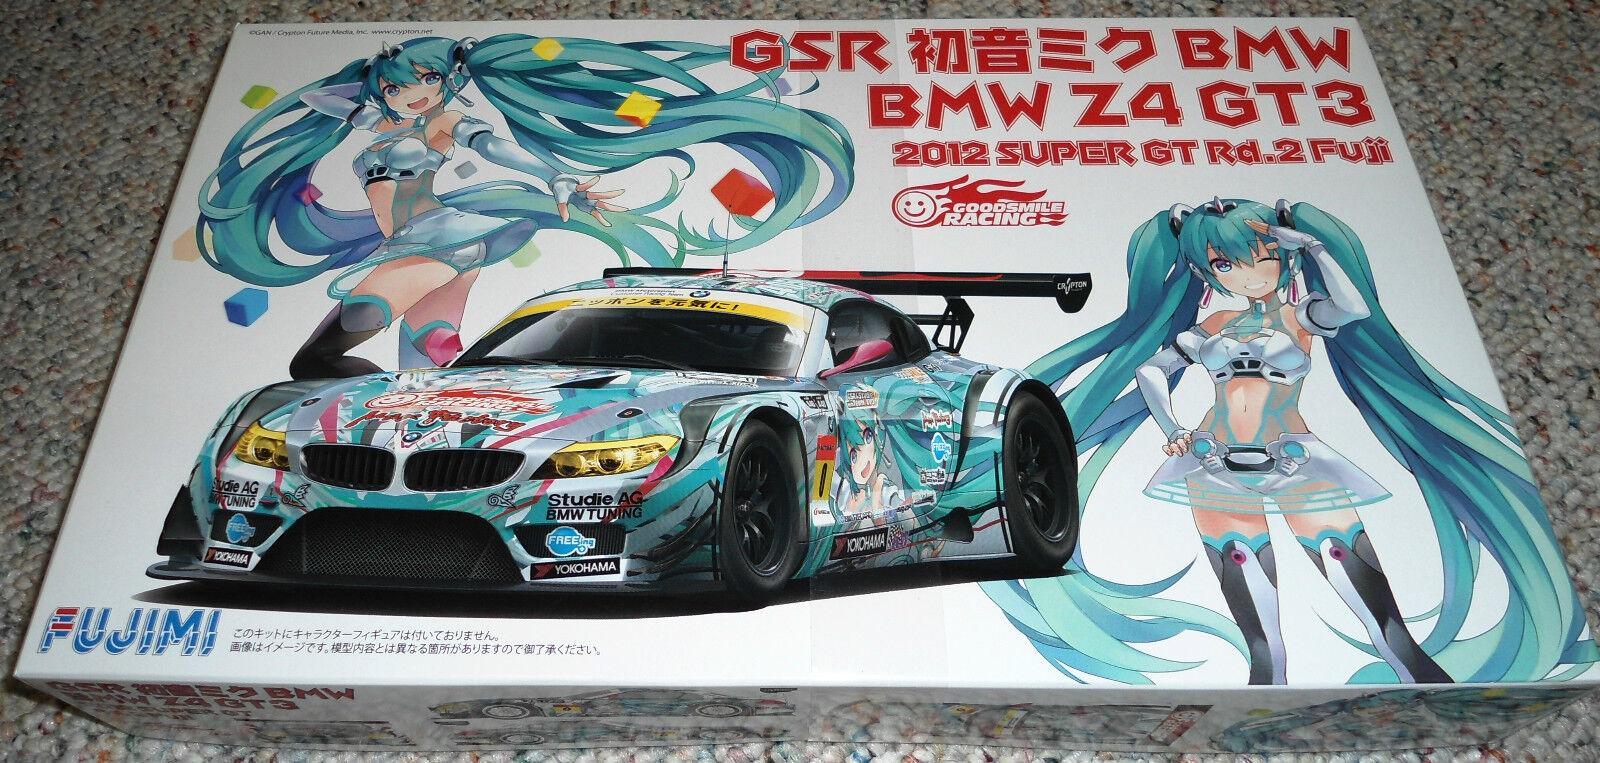 Fujimi 1 1 1   24 GSR Project Mirai BMW Z4 gt3 Road 2 Fuji (Second Edition) 41b